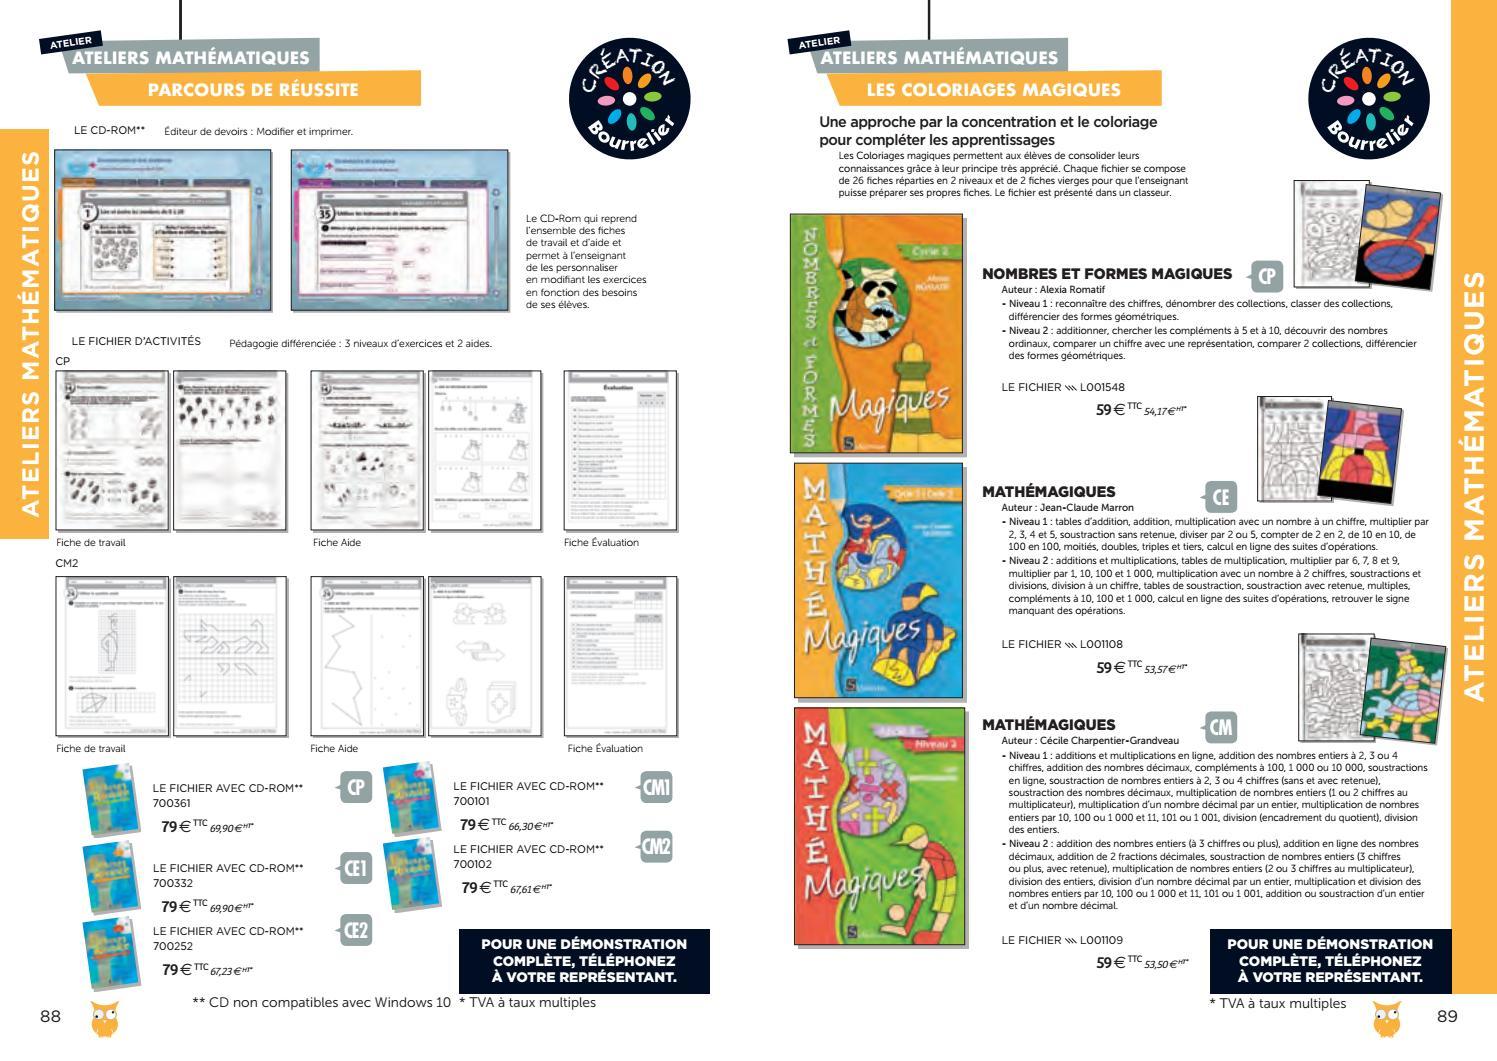 Coloriage Magique Encadrer Des Fractions.Catalogue Bourrelier Education 6 11 Ans 2018 By Bourrelier Education